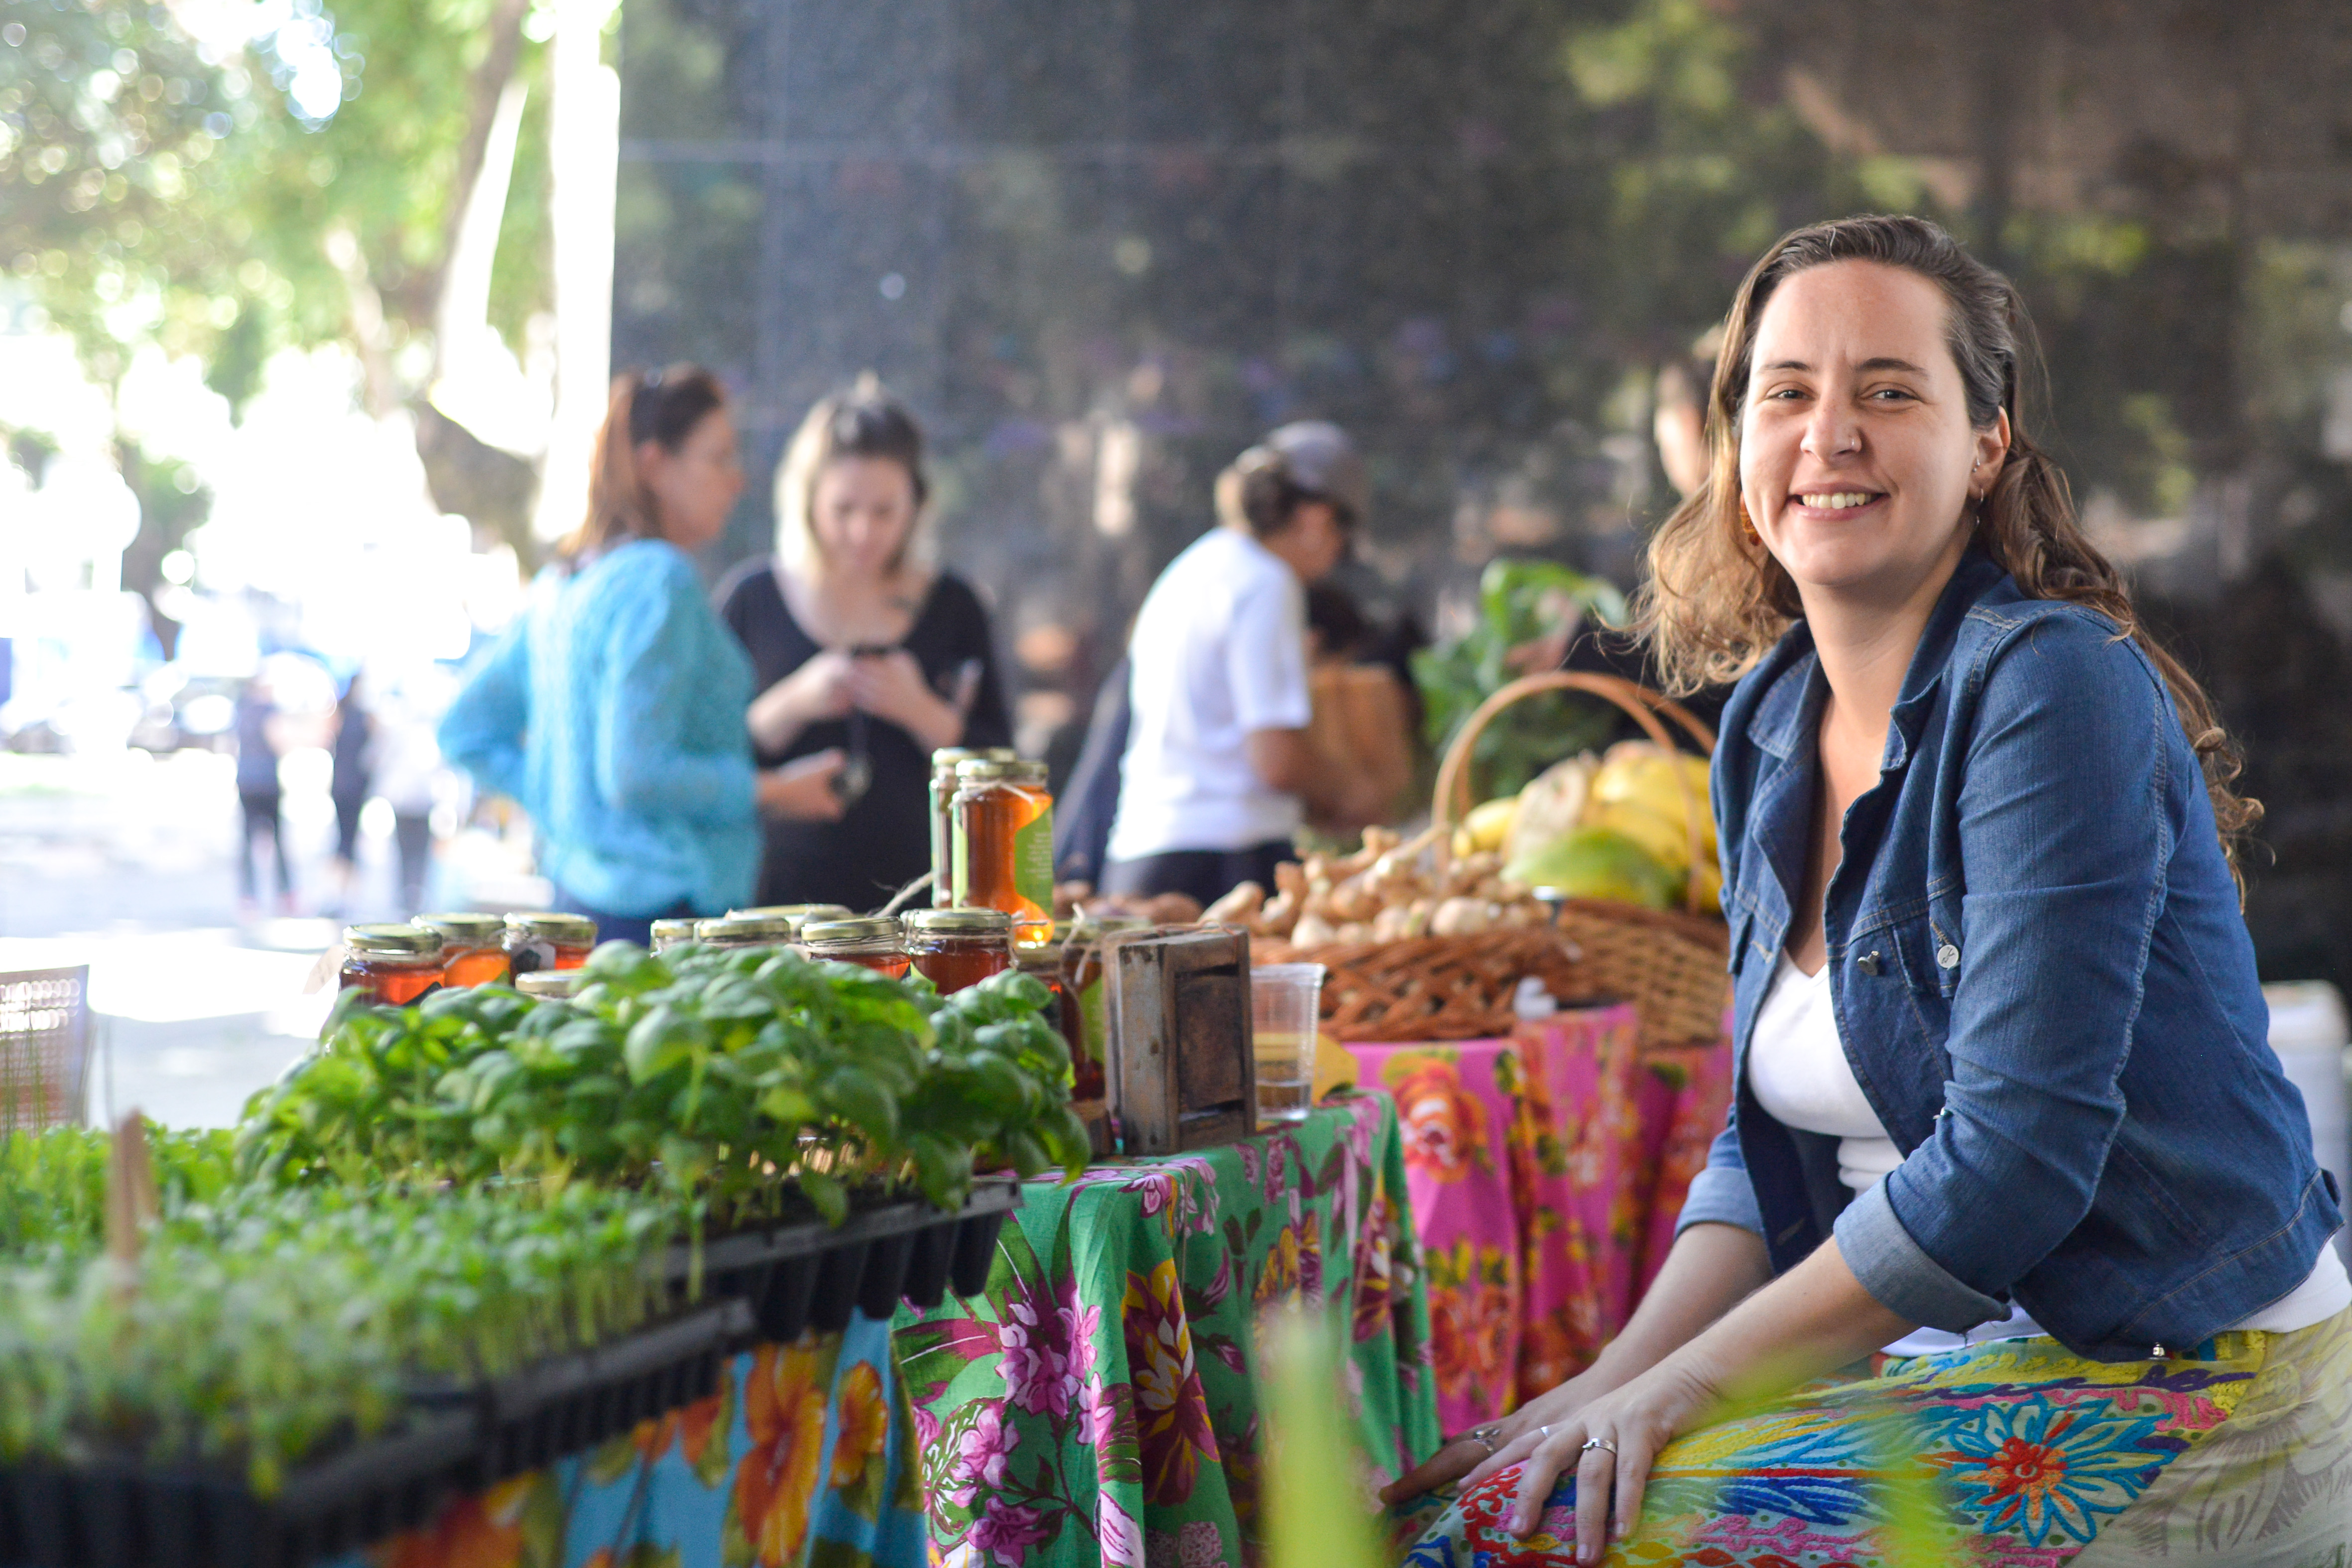 Fábrica de Hortas e Verde Vivo Mel na Feira Fresca no Incontrês